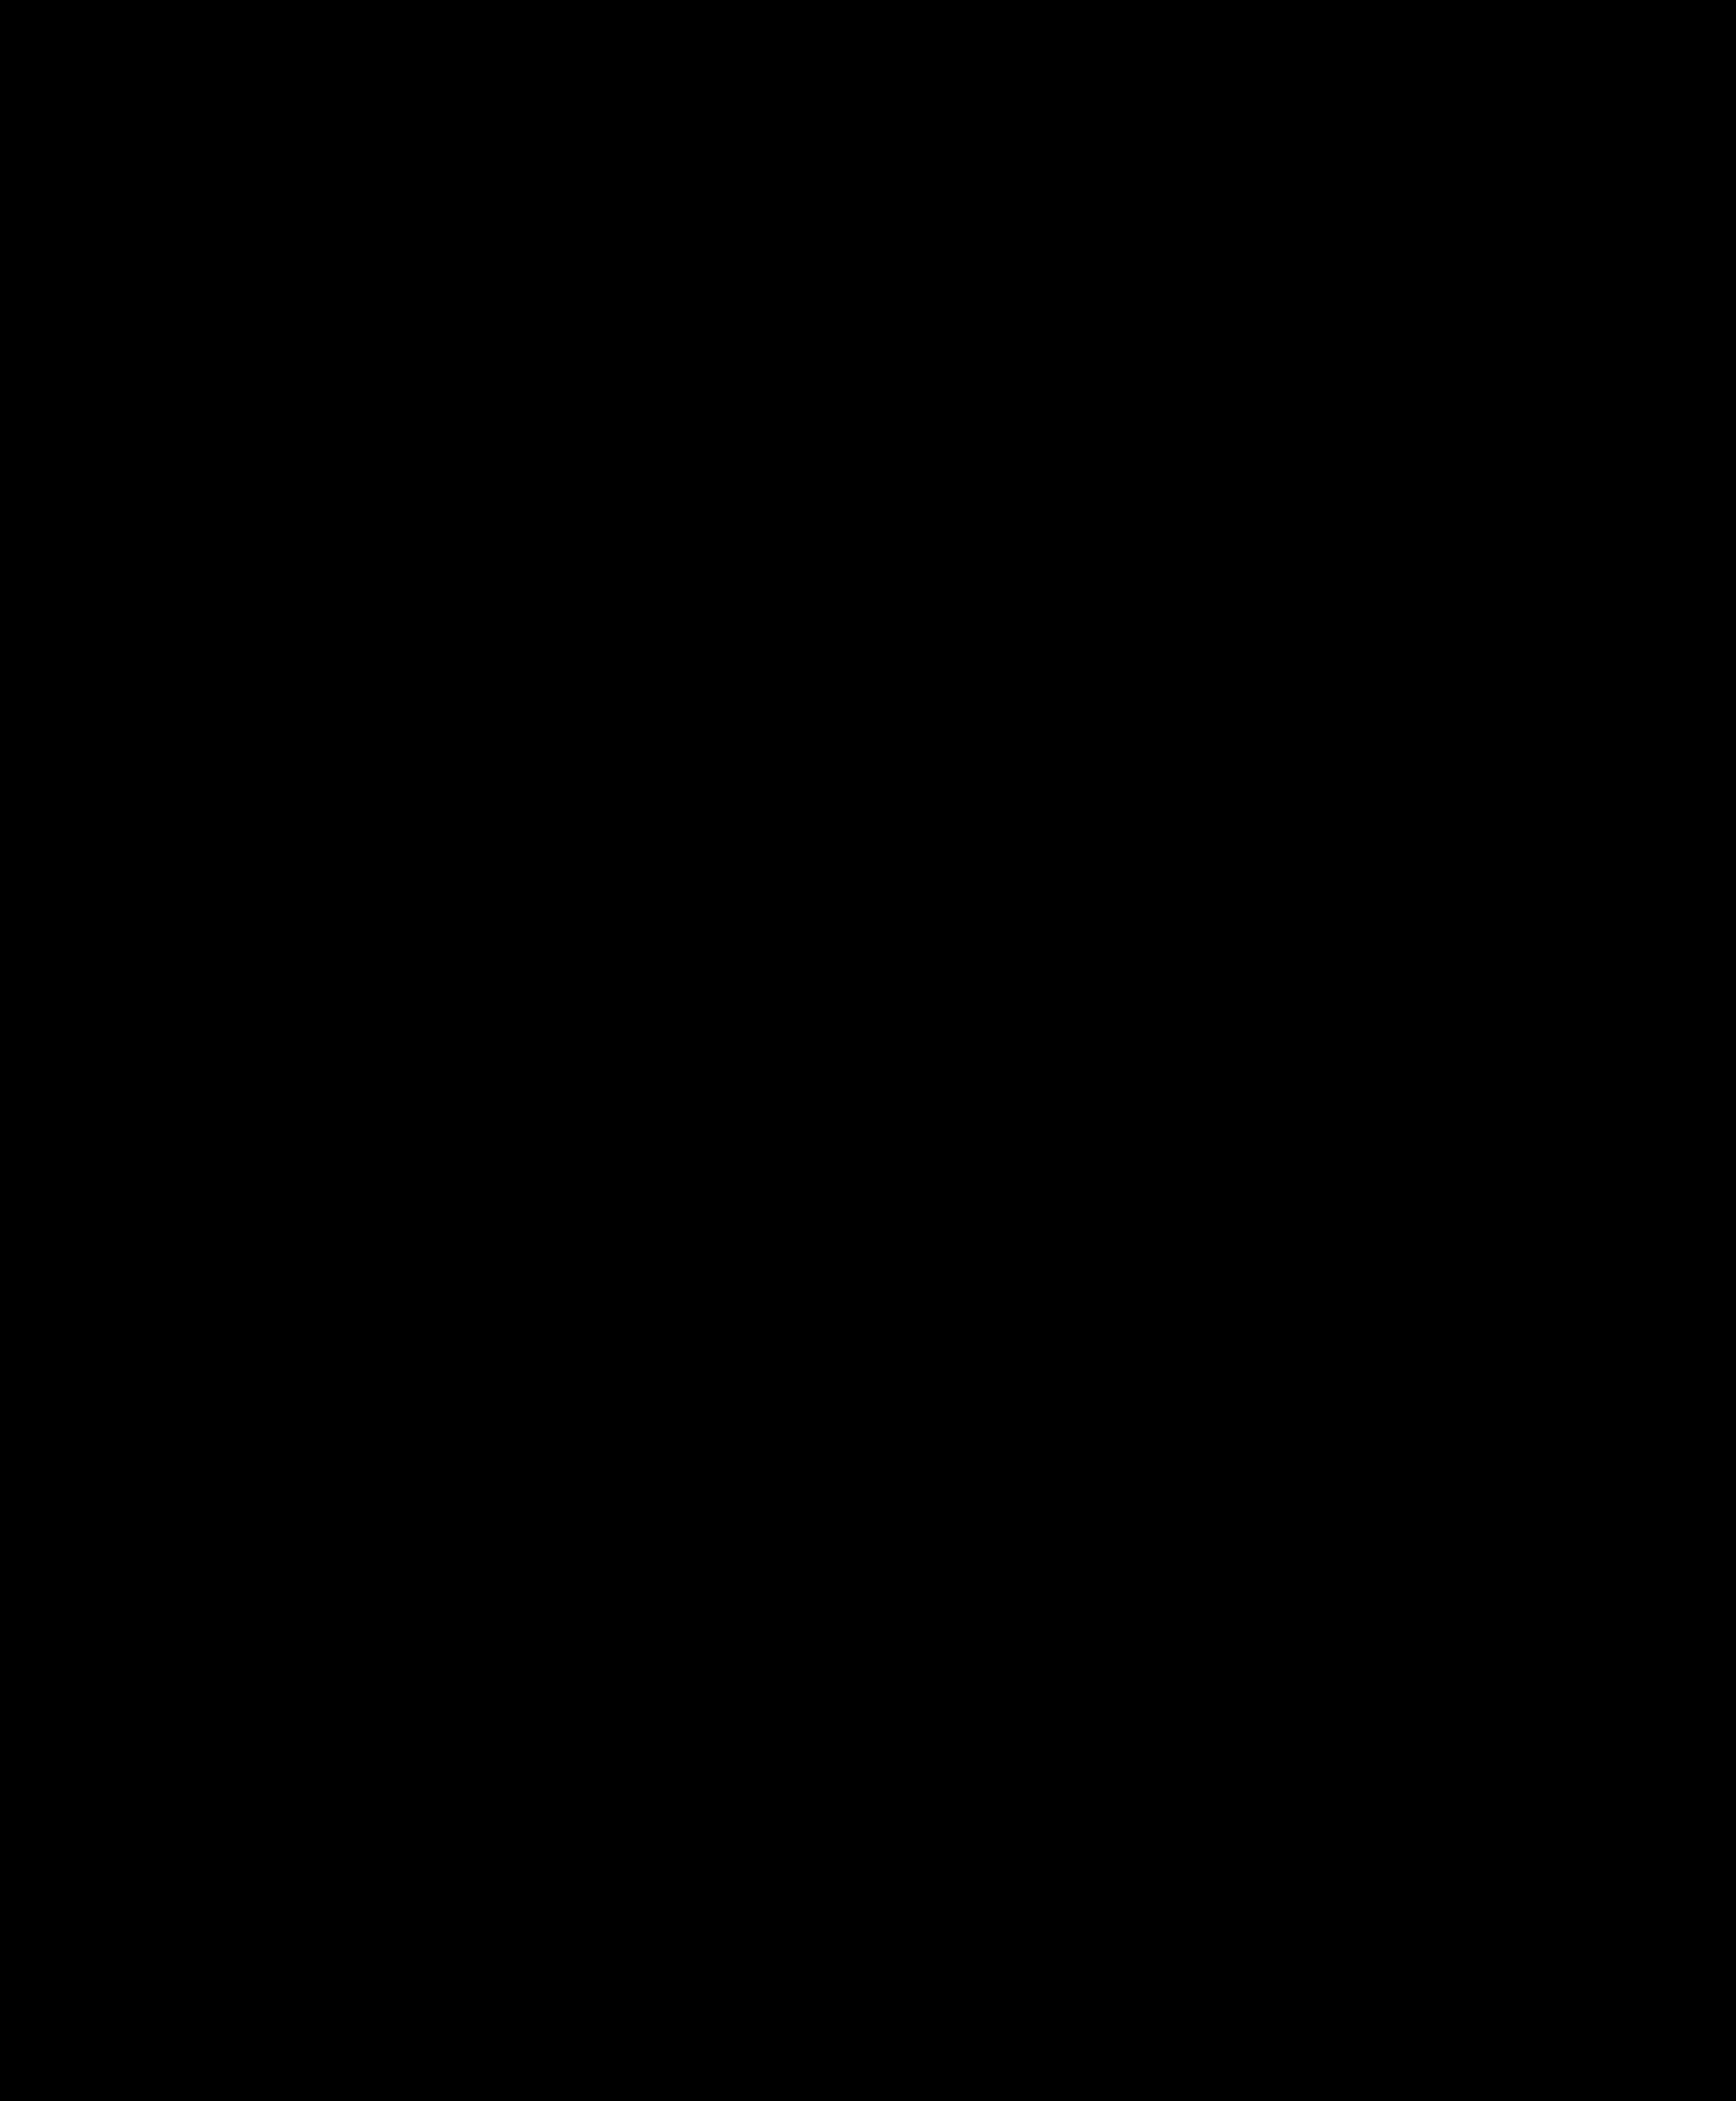 Ambasadorica Bosne i Hercegovine u Republici Makedoniji Lepa Babić  se sastala sa direktorima Fonda zdravstvenog osiguranja Republike Makedonije Danom Dončevom i Orhanom Ramadanijem